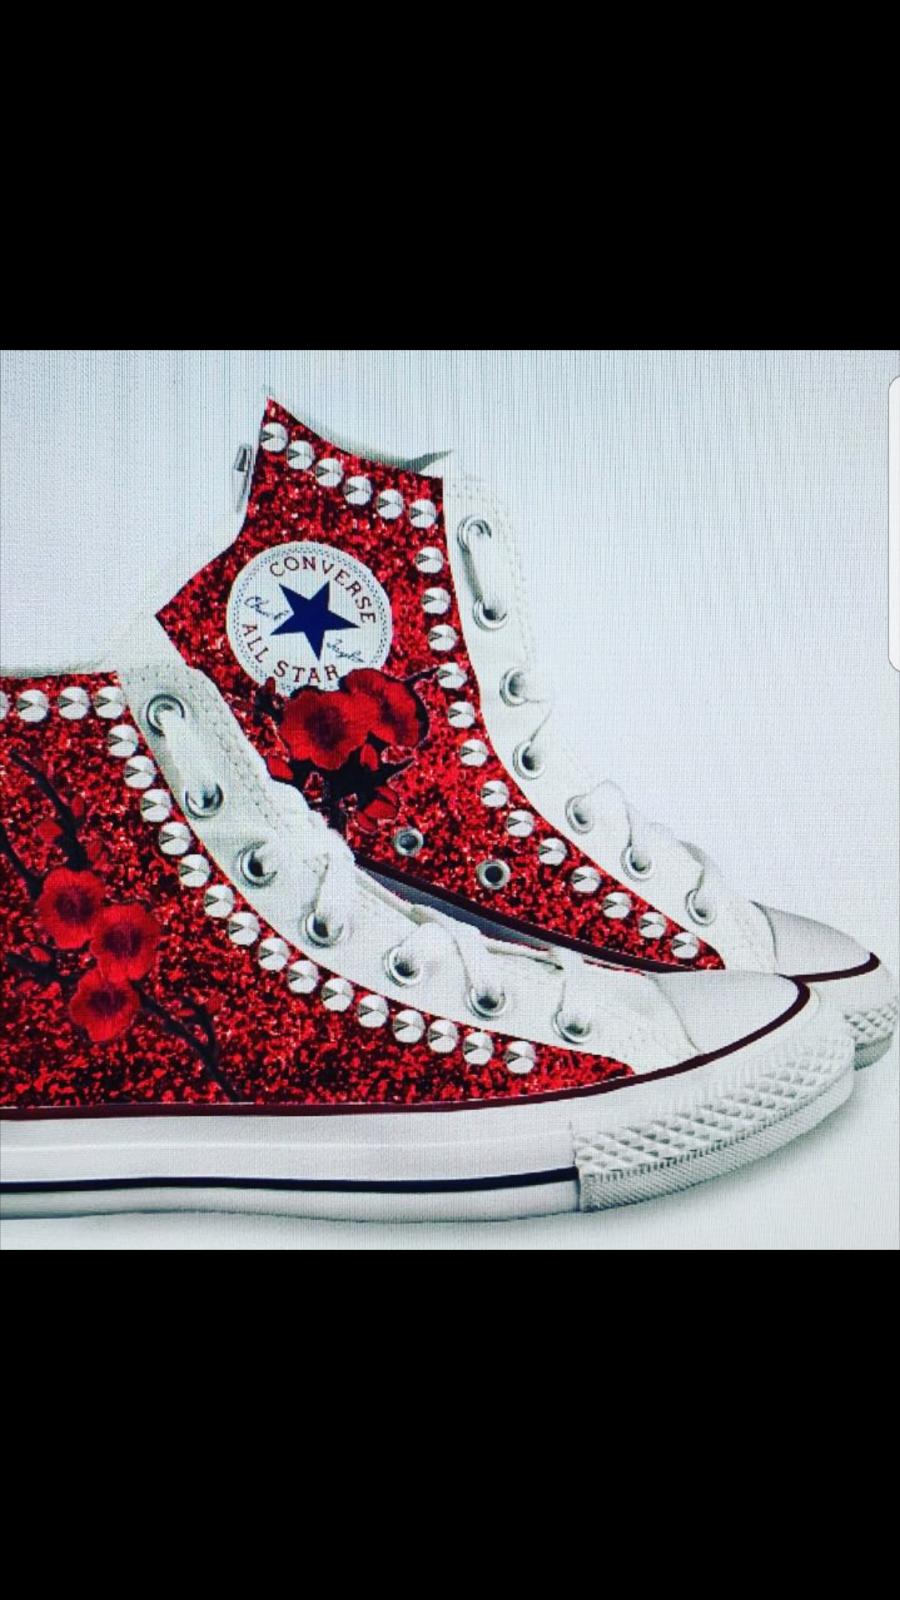 converse all star  piu' con glitter rosso e borchie piu'  peach 1f5946